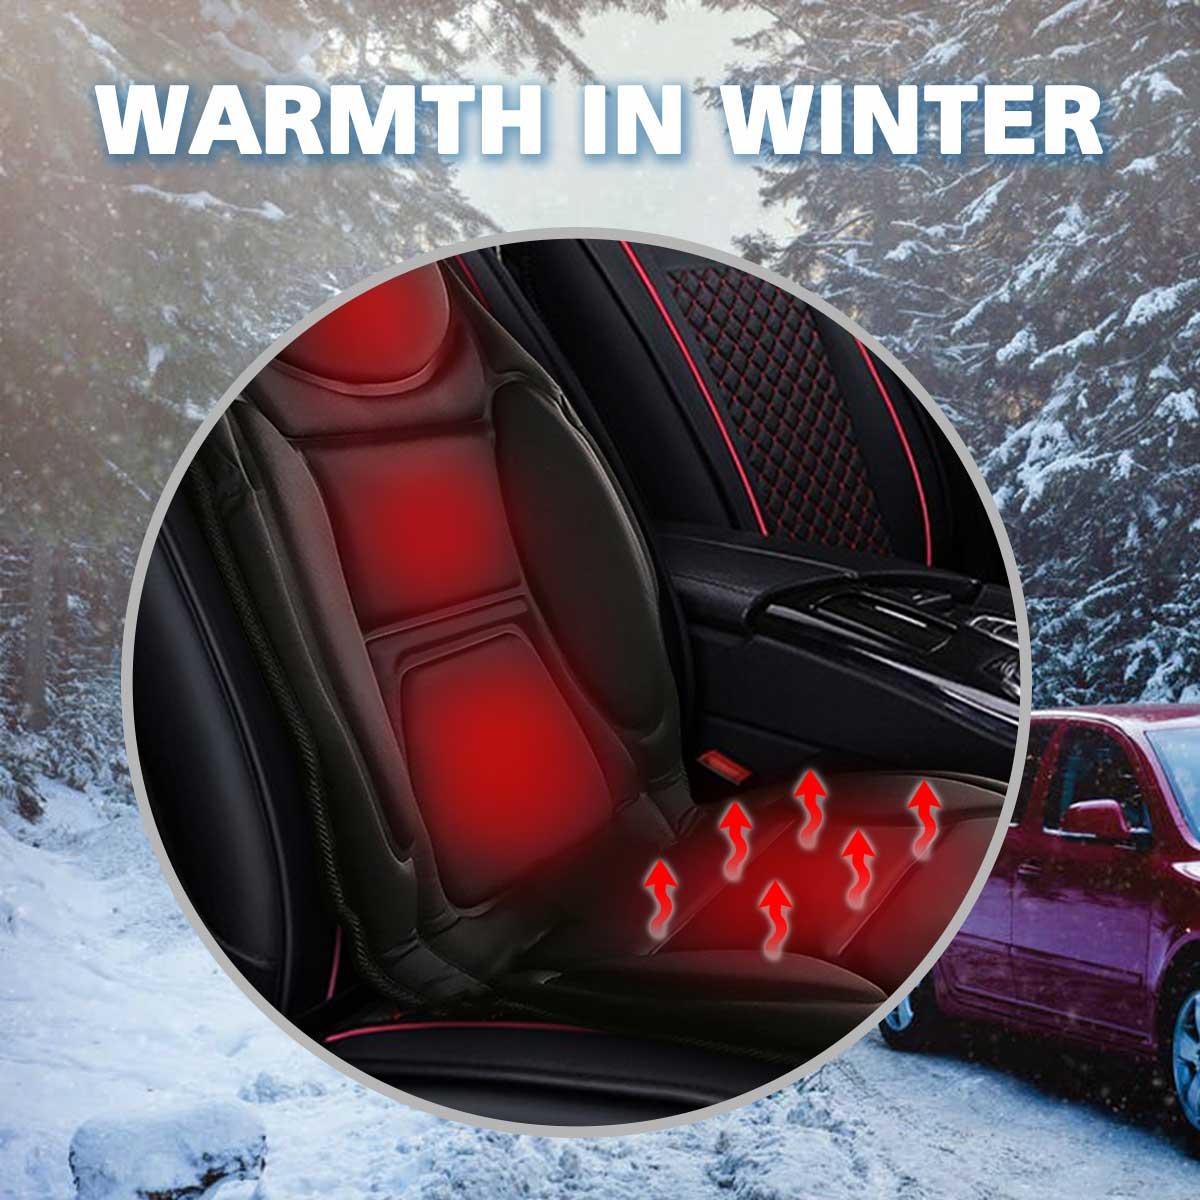 12 В Электрический Подогрев Чехол подушки сиденья автомобиля подогреватель сиденья теплая зимняя Бытовая нагревательная подушка сиденья